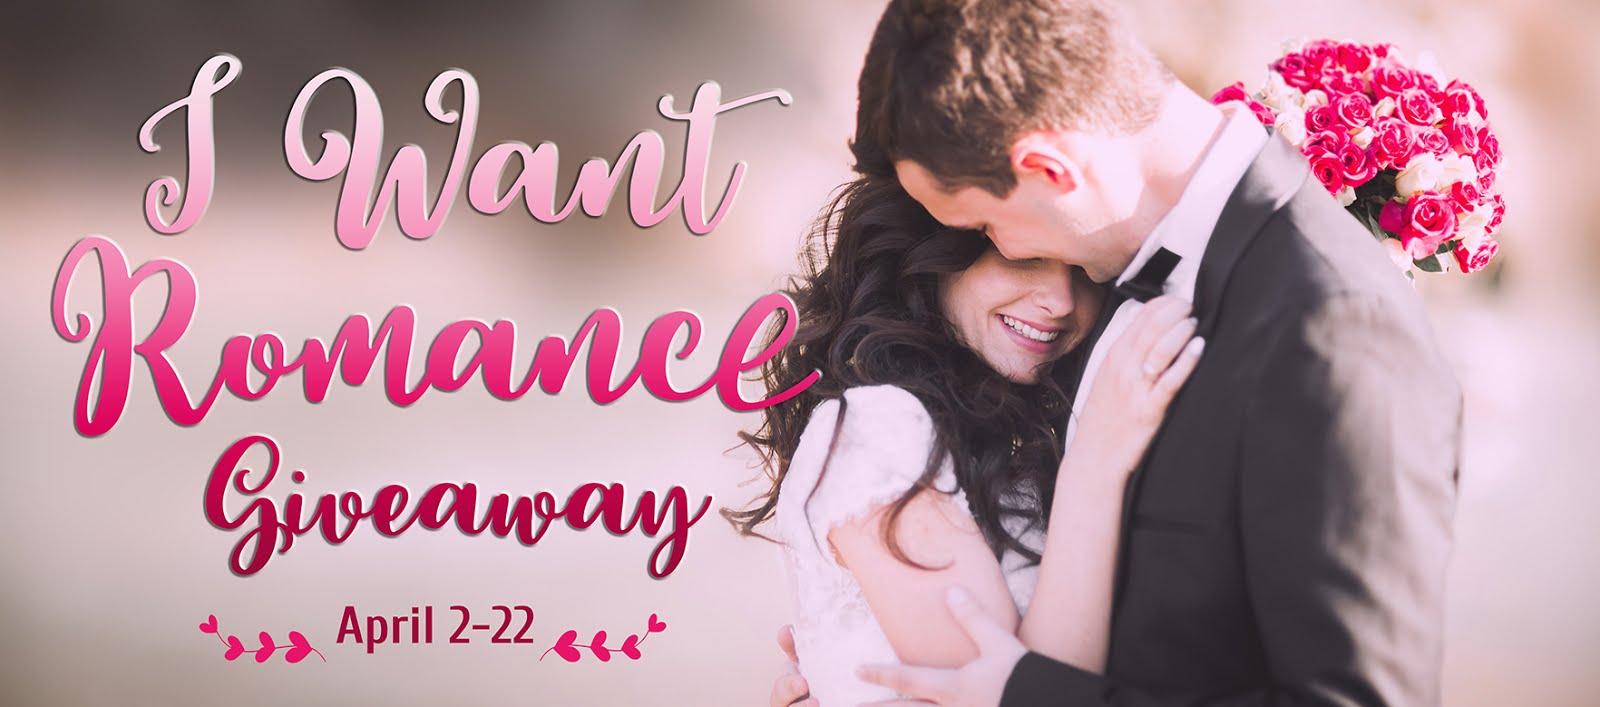 I Want Romance Giveaway